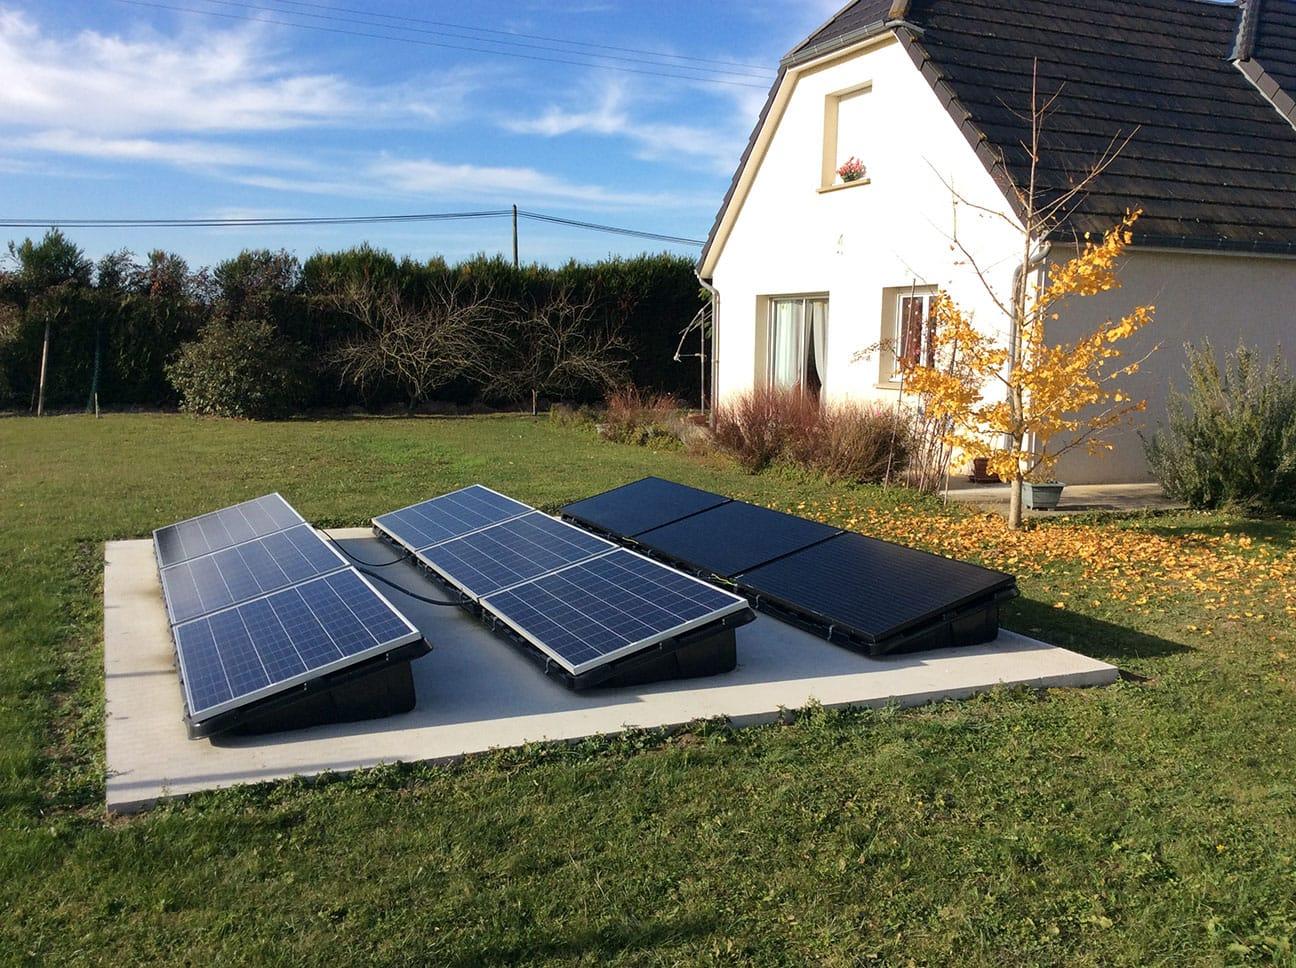 panneaux-photovoltaiques-au-sol